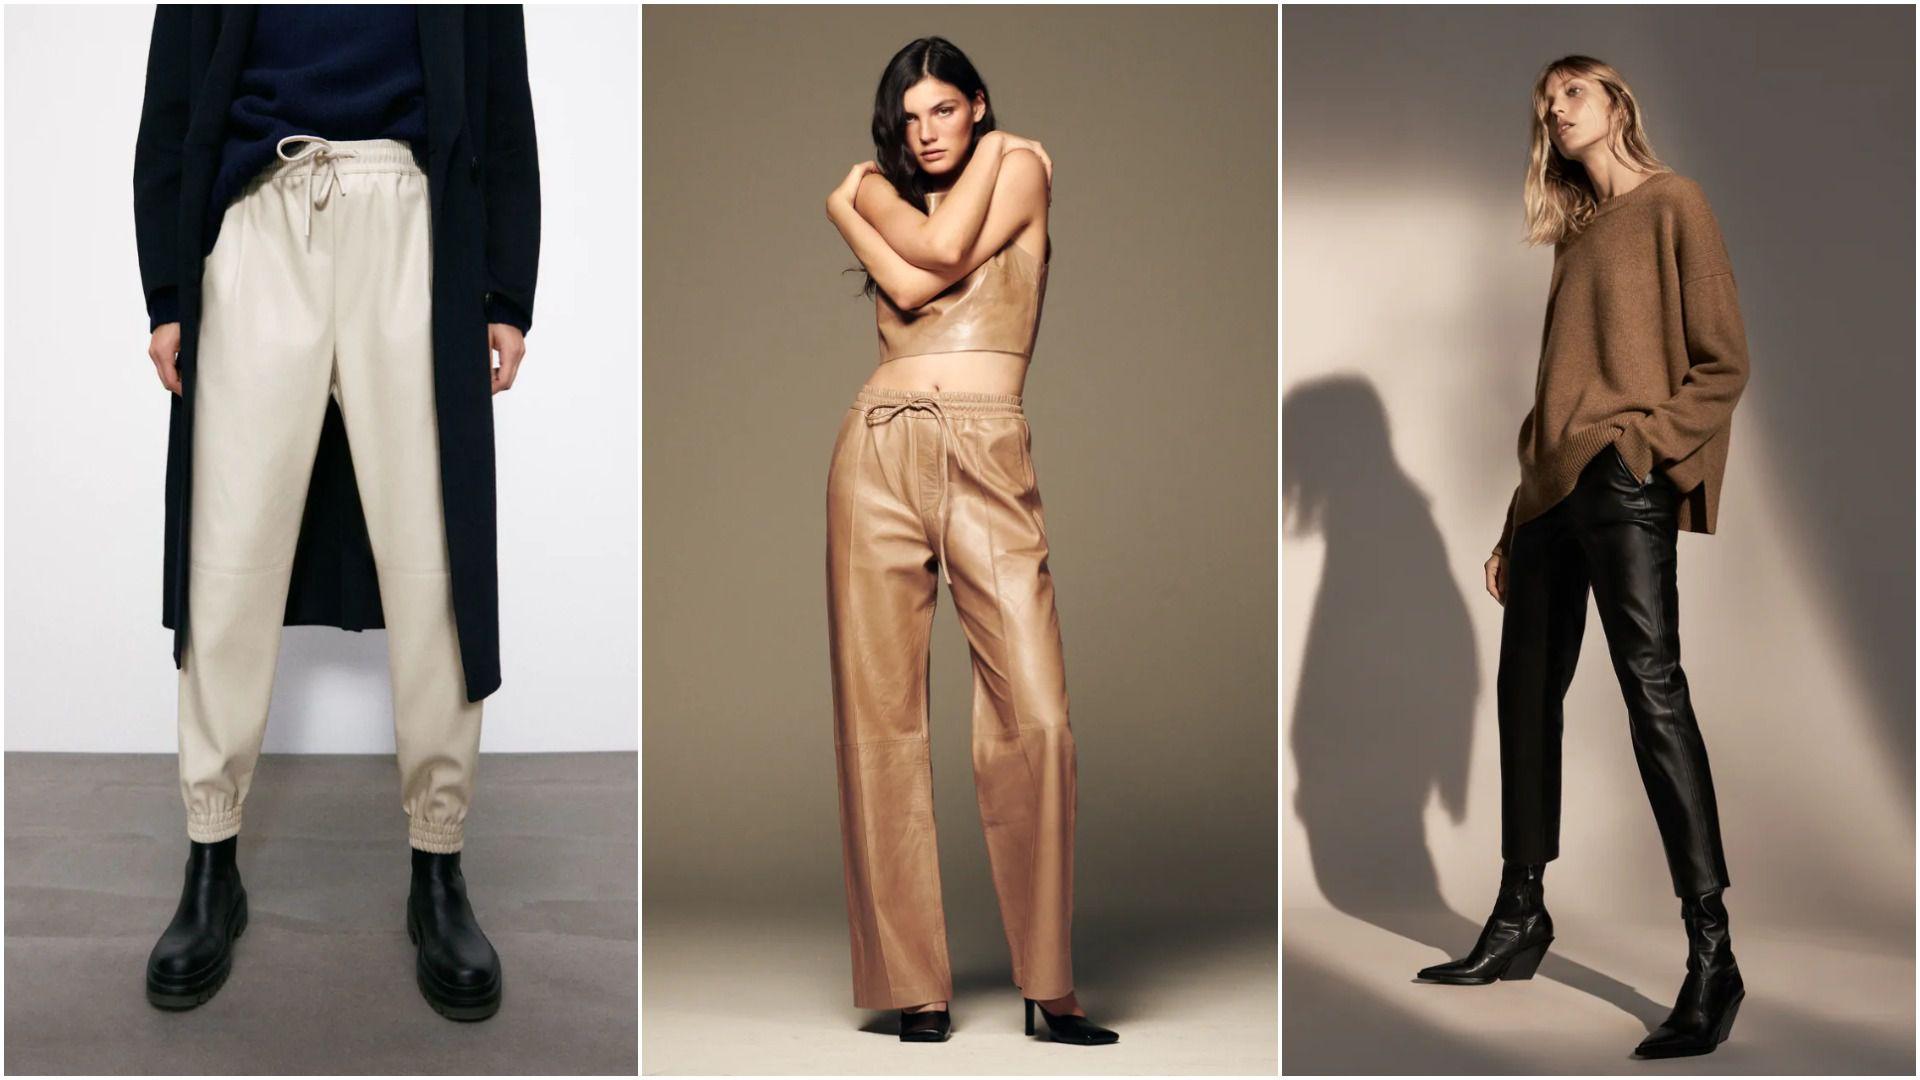 Najbolji modeli od 199 kn: Zara ima genijalnu ponudu kožnih hlača koje ćemo nositi ove sezone